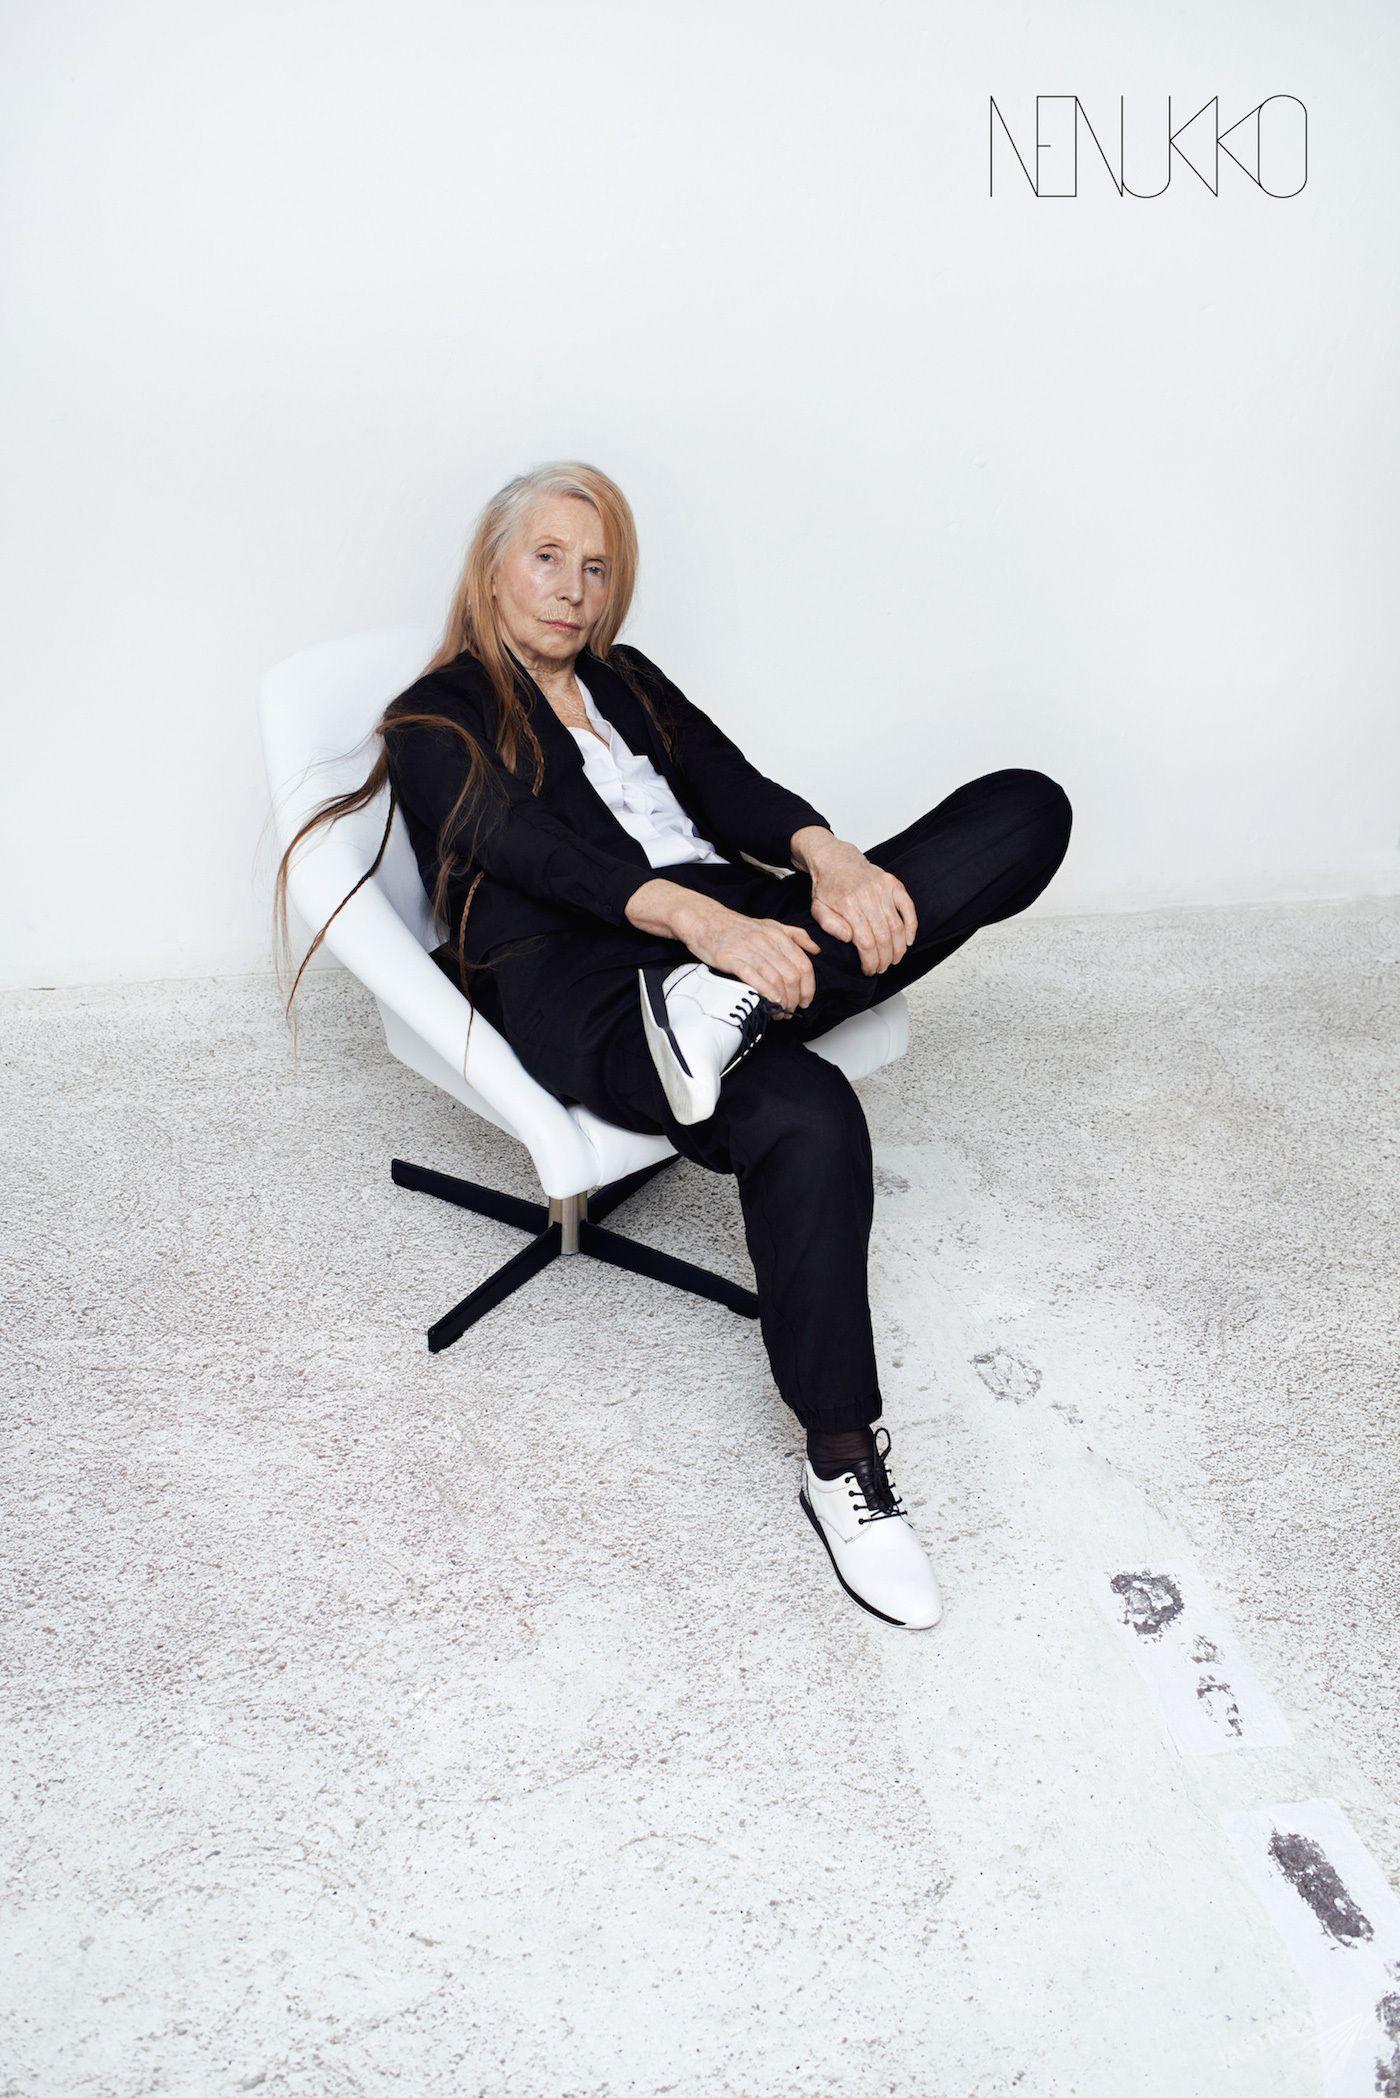 helena-norowicz-w-nowej-streetwearowej-odsonie-body-image-1424437357